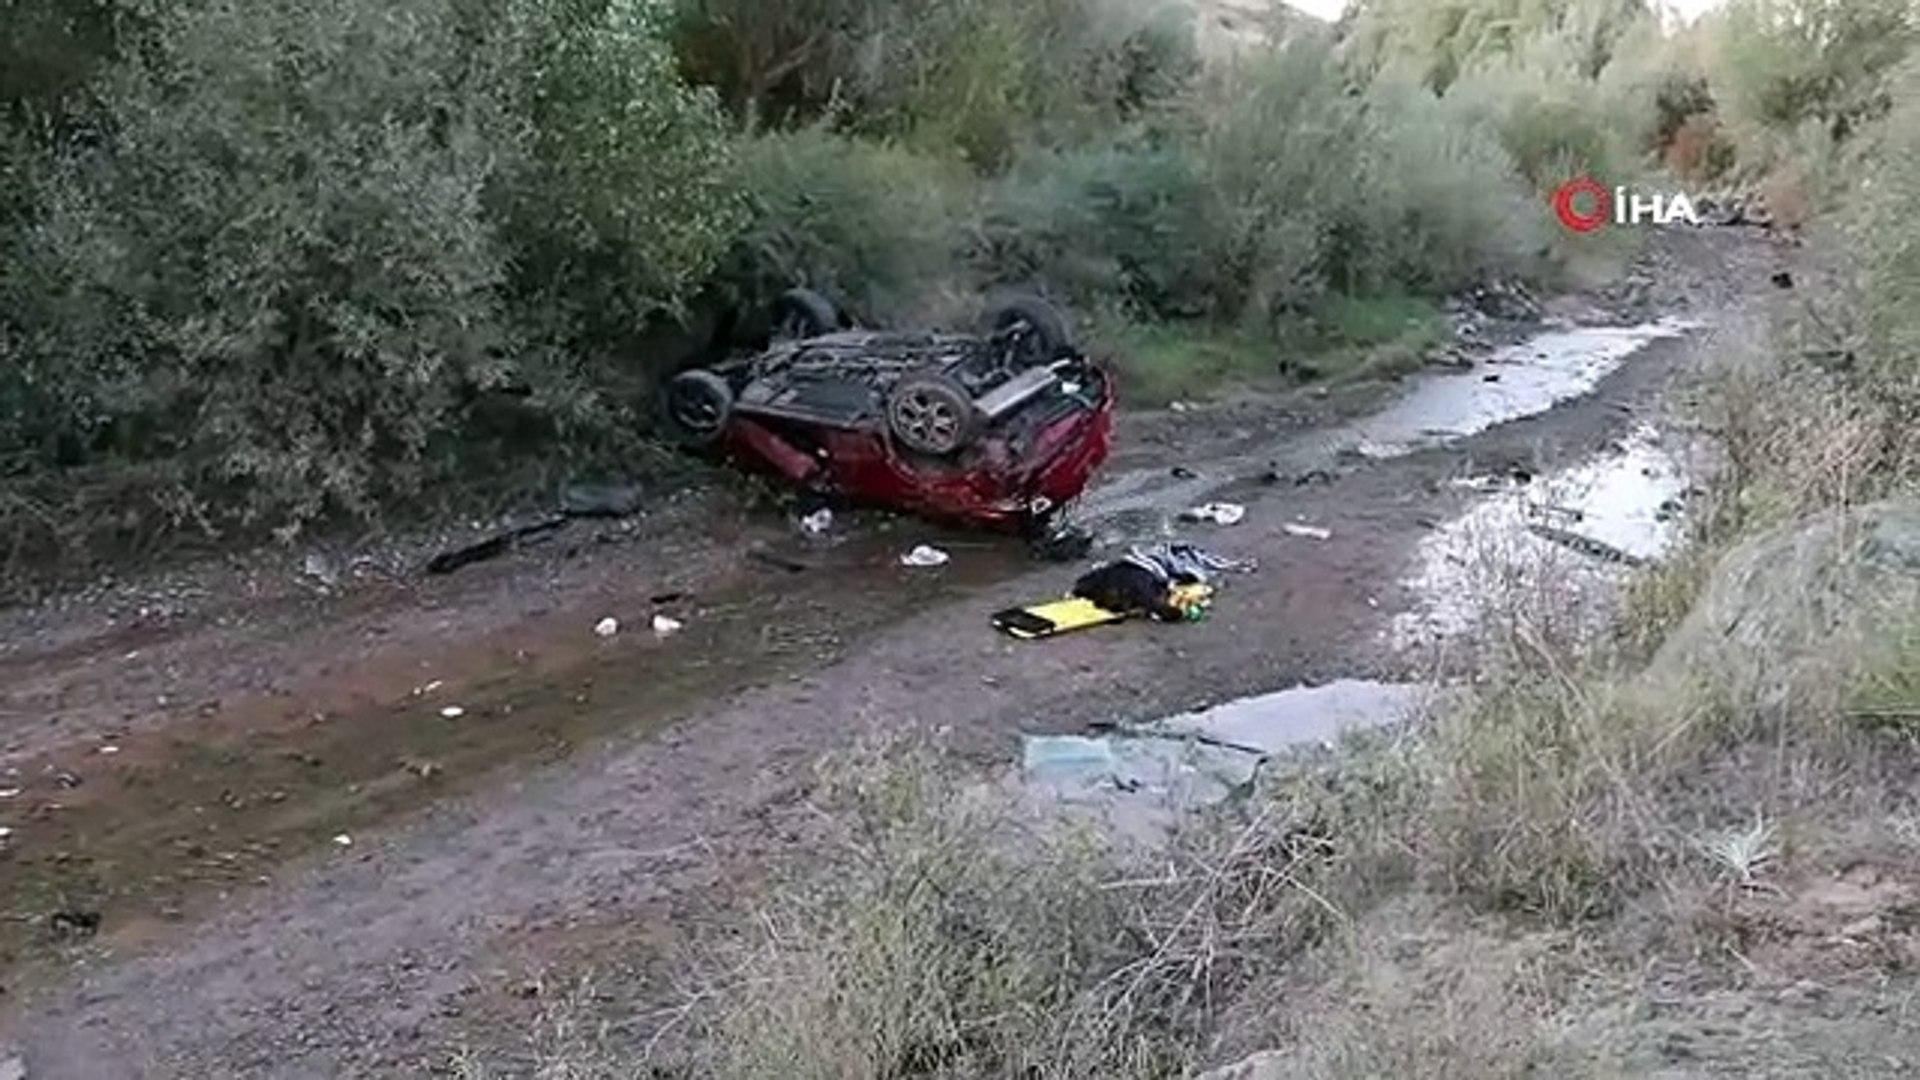 Sivas'ta trafik kazası; 2 ölü 6 ağır yaralı - Haber